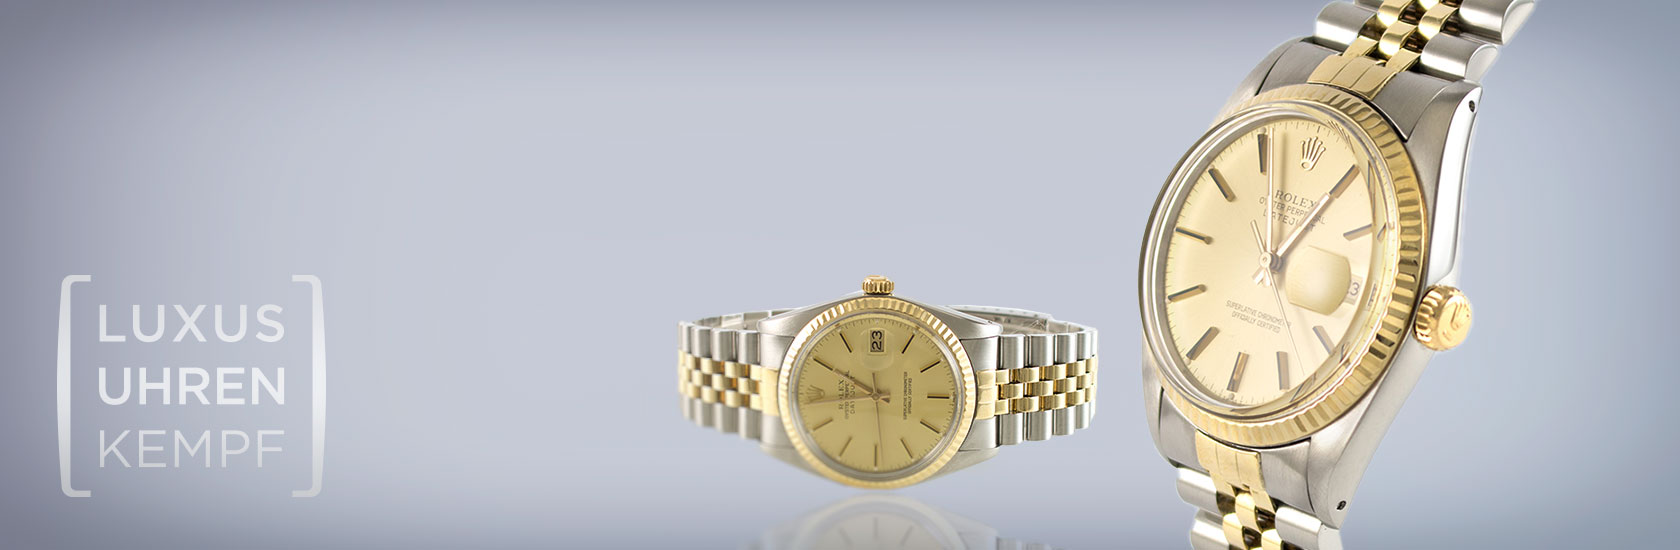 Luxusuhren Kempf - Ankauf von gebrauchten Rolex Uhren